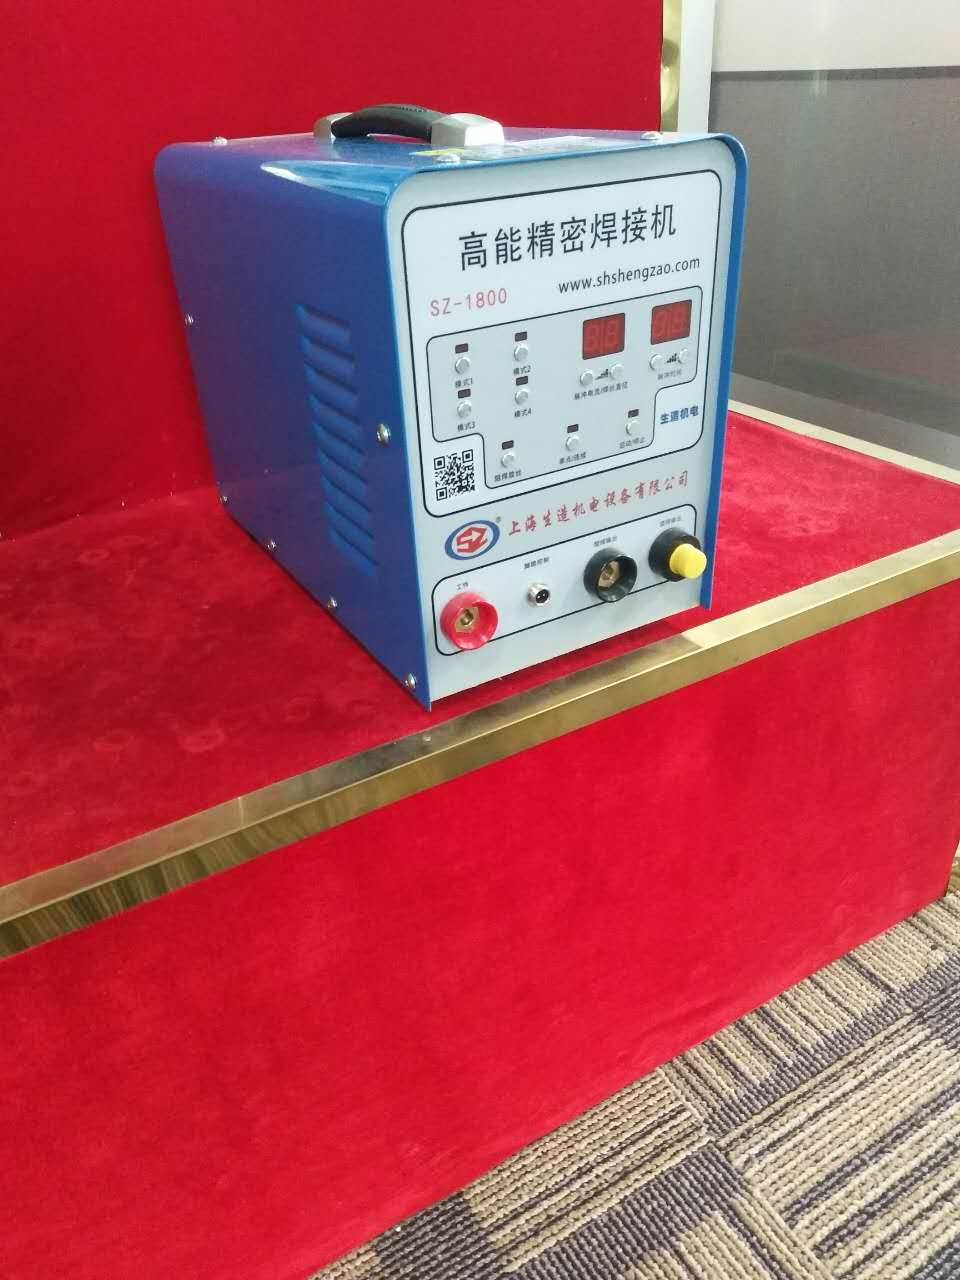 【不锈钢薄板冷焊机】、不锈钢薄板冷焊机专题-中国供应商